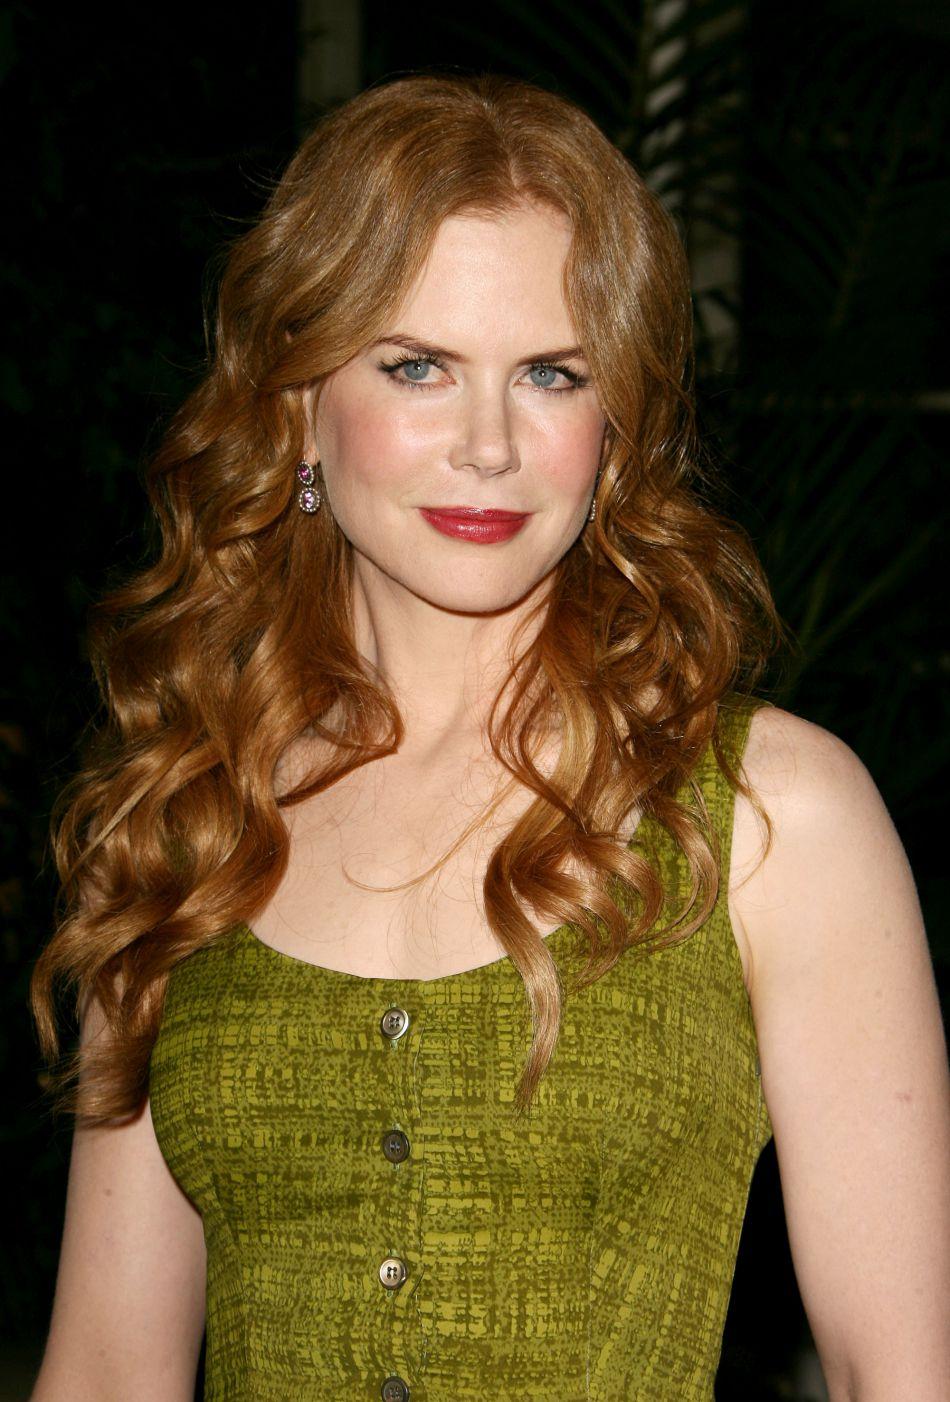 Après le blond, Nicole Kidman revient à son roux d'origine. Son teint, lui, n'a pas retrouvé sa fraîcheur des débuts.